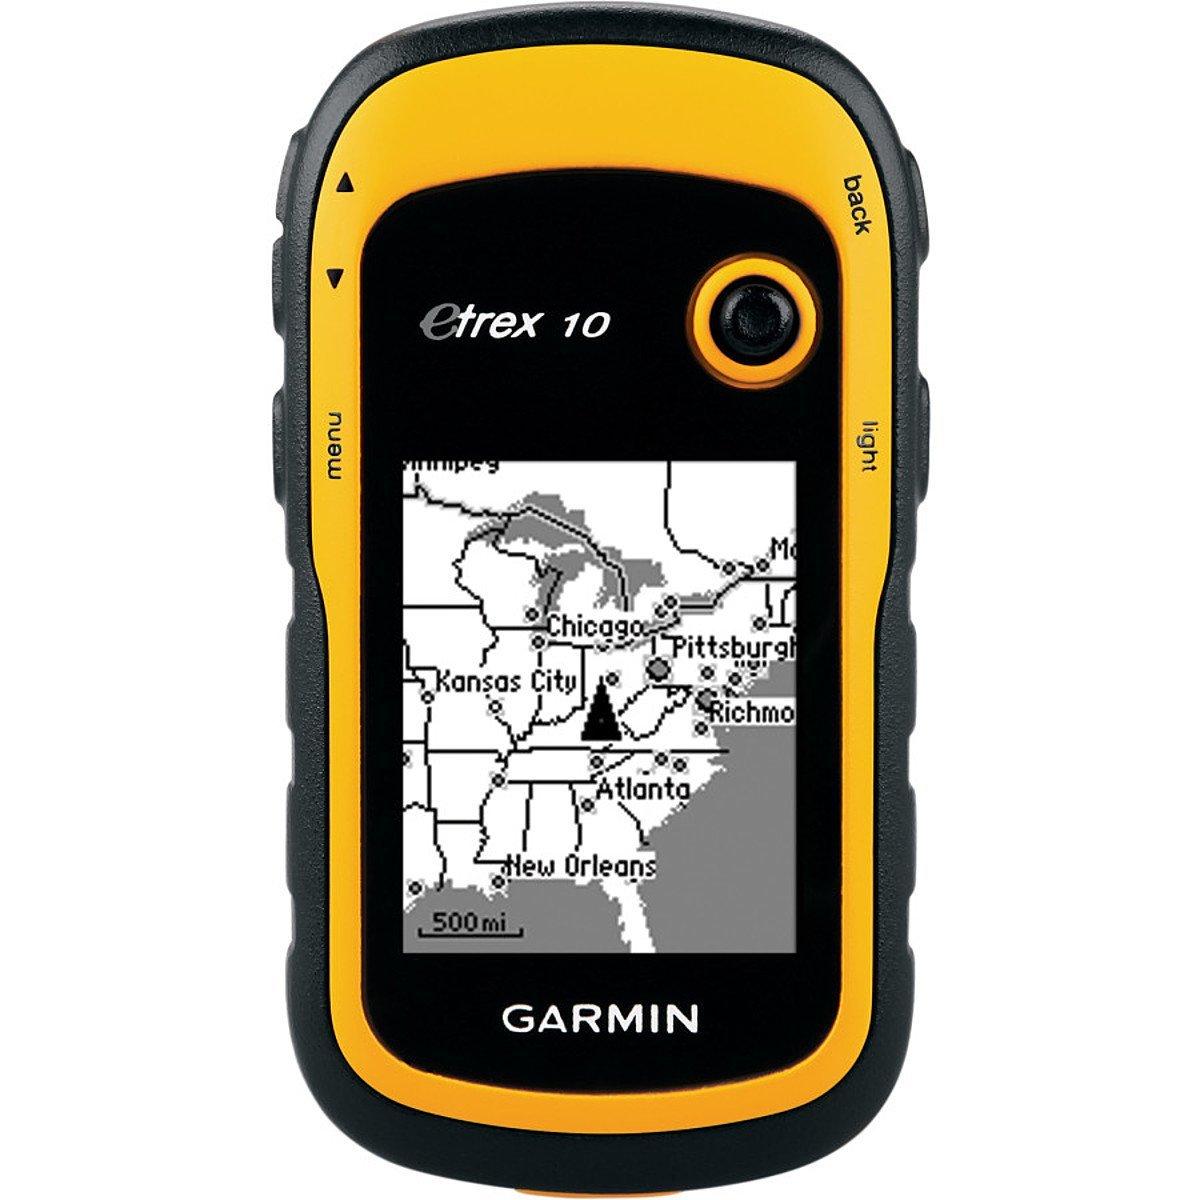 """Навигационный приемник Garmin eTrex 10 (010-00970-01)010-00970-01Навигационный приемник Garmin eTrex 10 сохраняет основные функции, прочную конструкцию, доступность и долгий срок работы батарей – те характеристики, которые делали прибор eTrex самым надежным GPS- навигатором. Данная модель оборудована улучшенным монохромным дисплеем 2.2"""", которым удобно пользоваться при любых условиях освещенности. Прочный и водонепроницаемый eTrex 10 не боится плохой погоды. Простой интерфейс пользователя означает, что вы сможете уделять большее время своей деятельности и меньшее время поиску информации. Легендарная прочность eTrex 10 делает его неуязвимым для пыли, грязи, влажности и воды. Garmin eTrex 10 поддерживает файлы геокэшинга GPX для загрузки координат и описаний тайников прямо в устройство. Отказываясь от бумажных записей, вы не только помогаете сохранить природу, но и повышаете эффективность геокэшинга. Устройство eTrex 10 хранит и отображает основную информацию, включая координаты, рельеф, уровень сложности,..."""